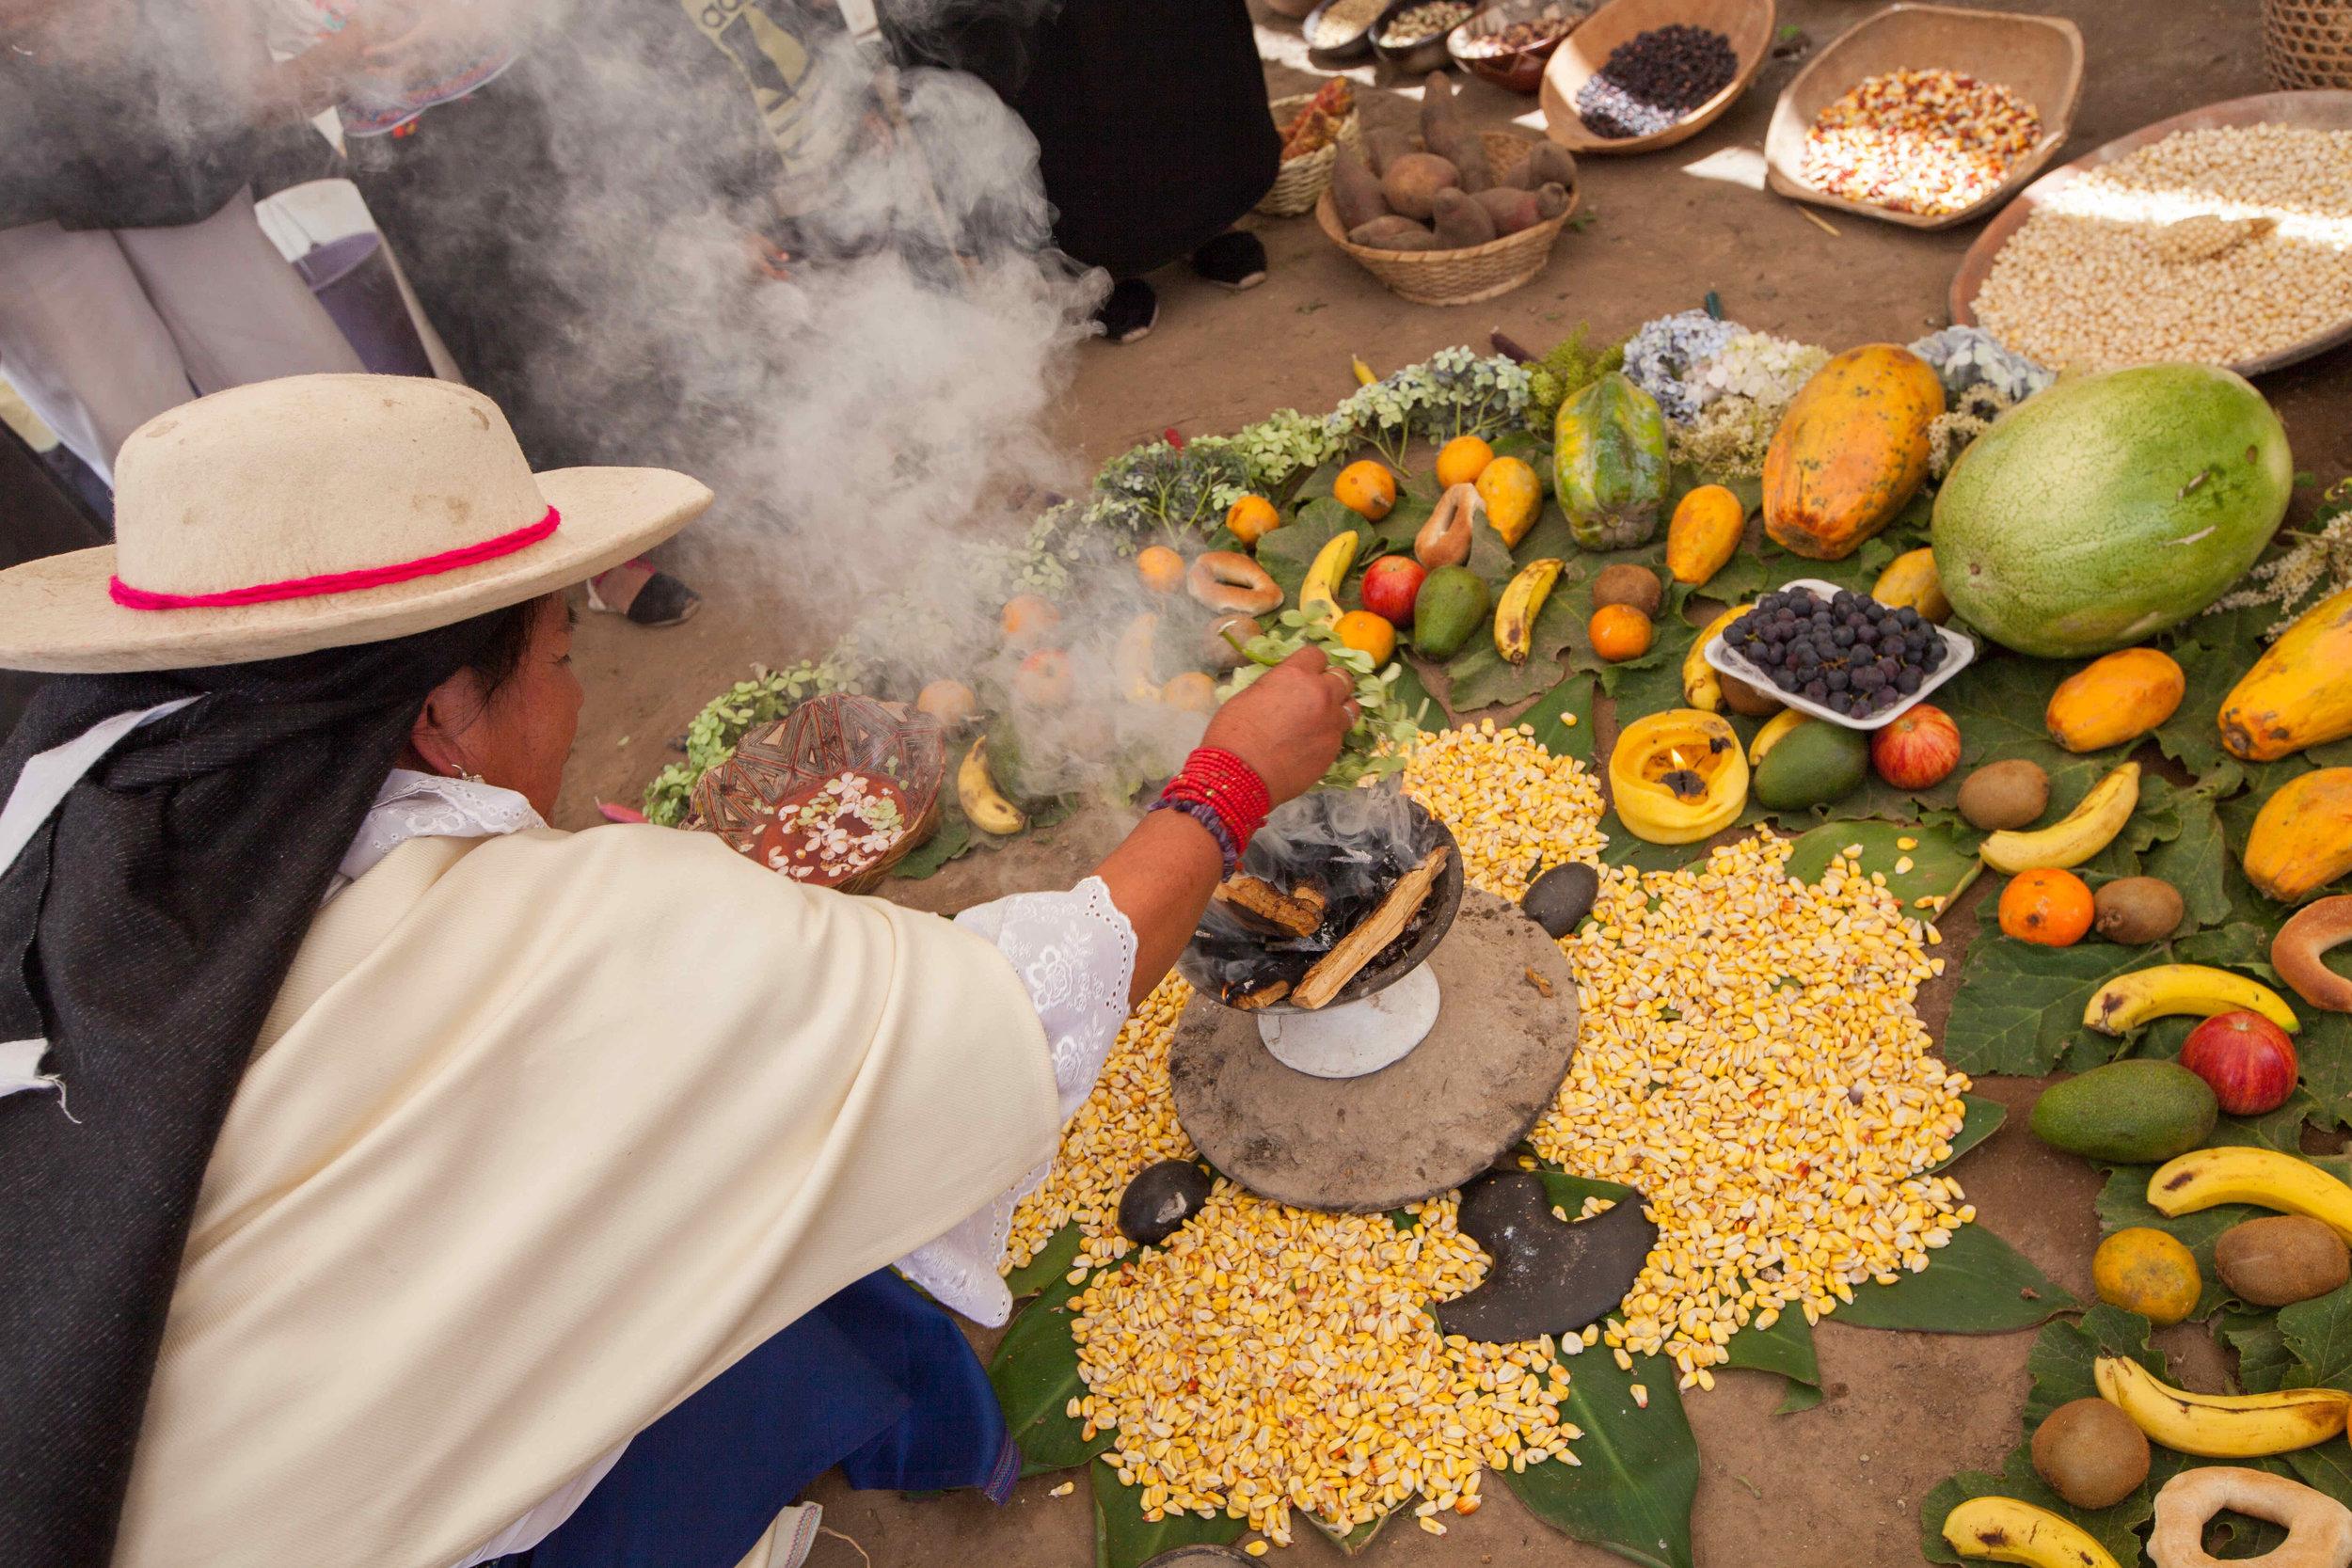 """Josefina Lema, Mojandita, Otavalo, Ecuador, abriendo el espacio para un intercambio de semillas del maíz, septiembre, 2016.  """"Nuestra madre maíz es, para nosotros, para pueblos indigenas, es como mas que oro.Maíz es oro en granito. Es nuestra capital, nuestra vida, la madre maíz.   Como nosotros prendemos palo santo entre todos, avanzamos prender. Unita no avanca prender. Así mismo es el granito también. Entre muchos granitos tienen esfuerza para no caer lancha ni plaga.Por eso nosotros sembramos juntos. Algunos granos tienen mucha fuerza, otros granos tienen debilidad, y entre ellos tienen fuerza."""""""